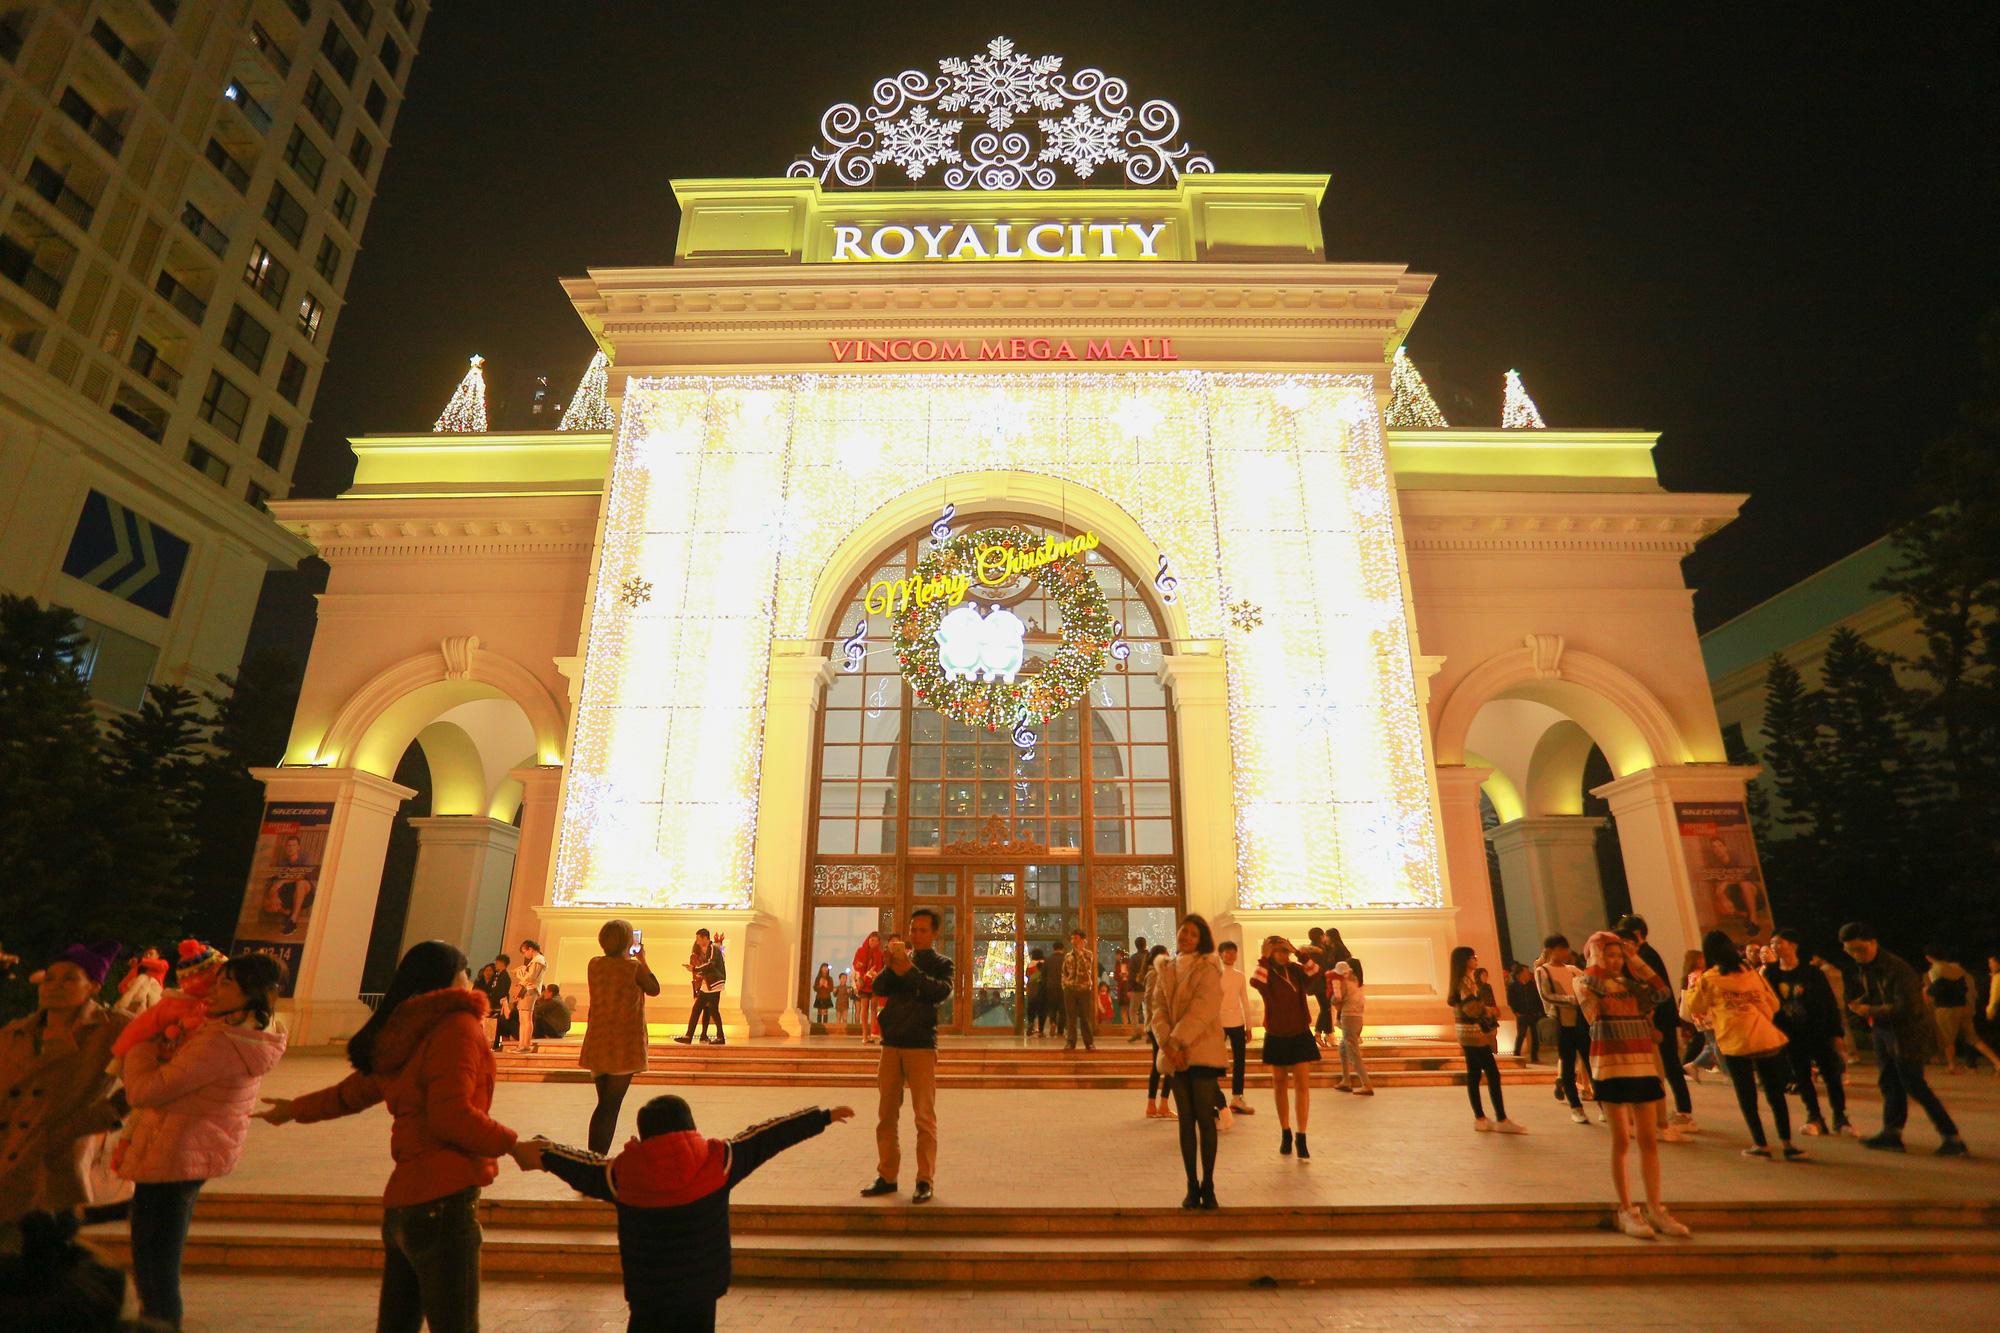 Hà Nội: Người dân đổ ra đường đón Giáng sinh, nhiều tuyến đường'tắc không lối thoát' - Ảnh 9.